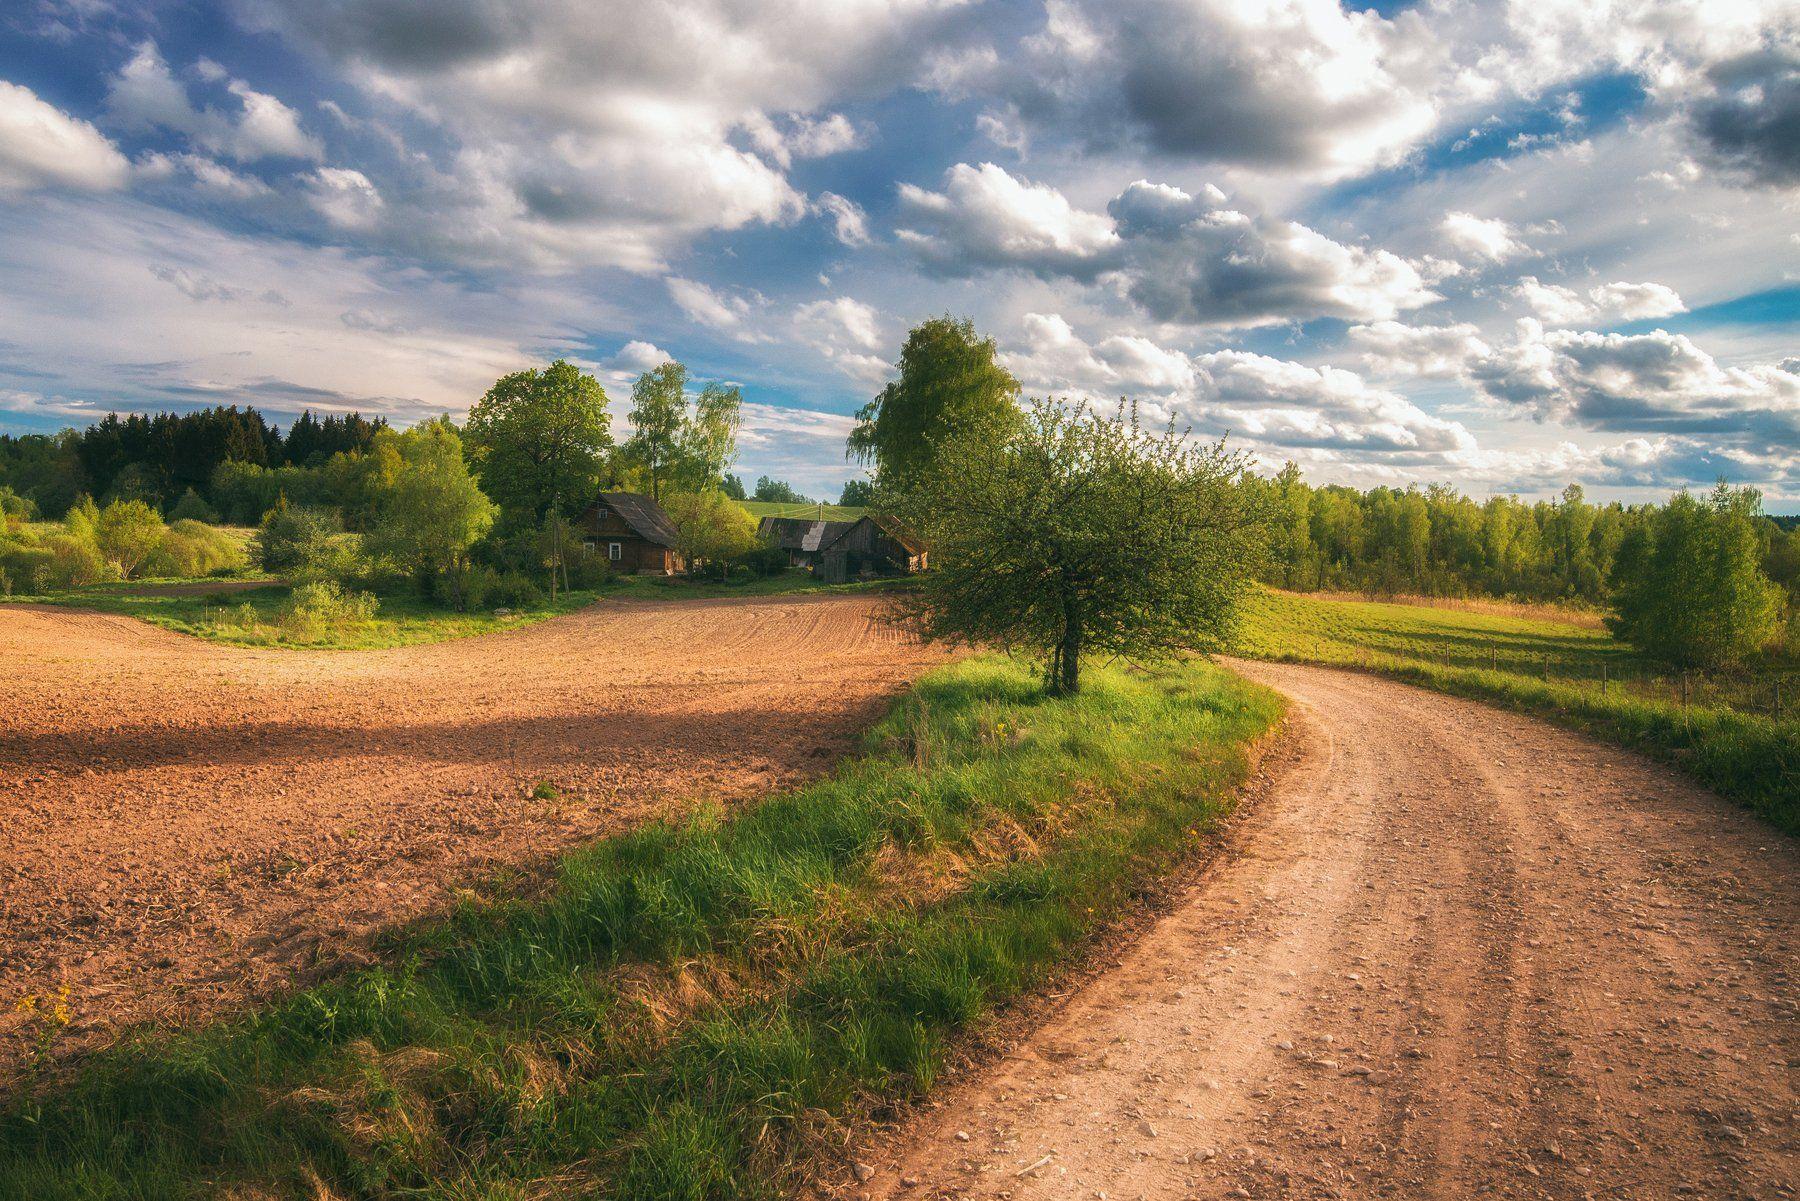 landscape,summer,latvia,road,farm,пейзаж,деревня,лето, Olegs Bucis